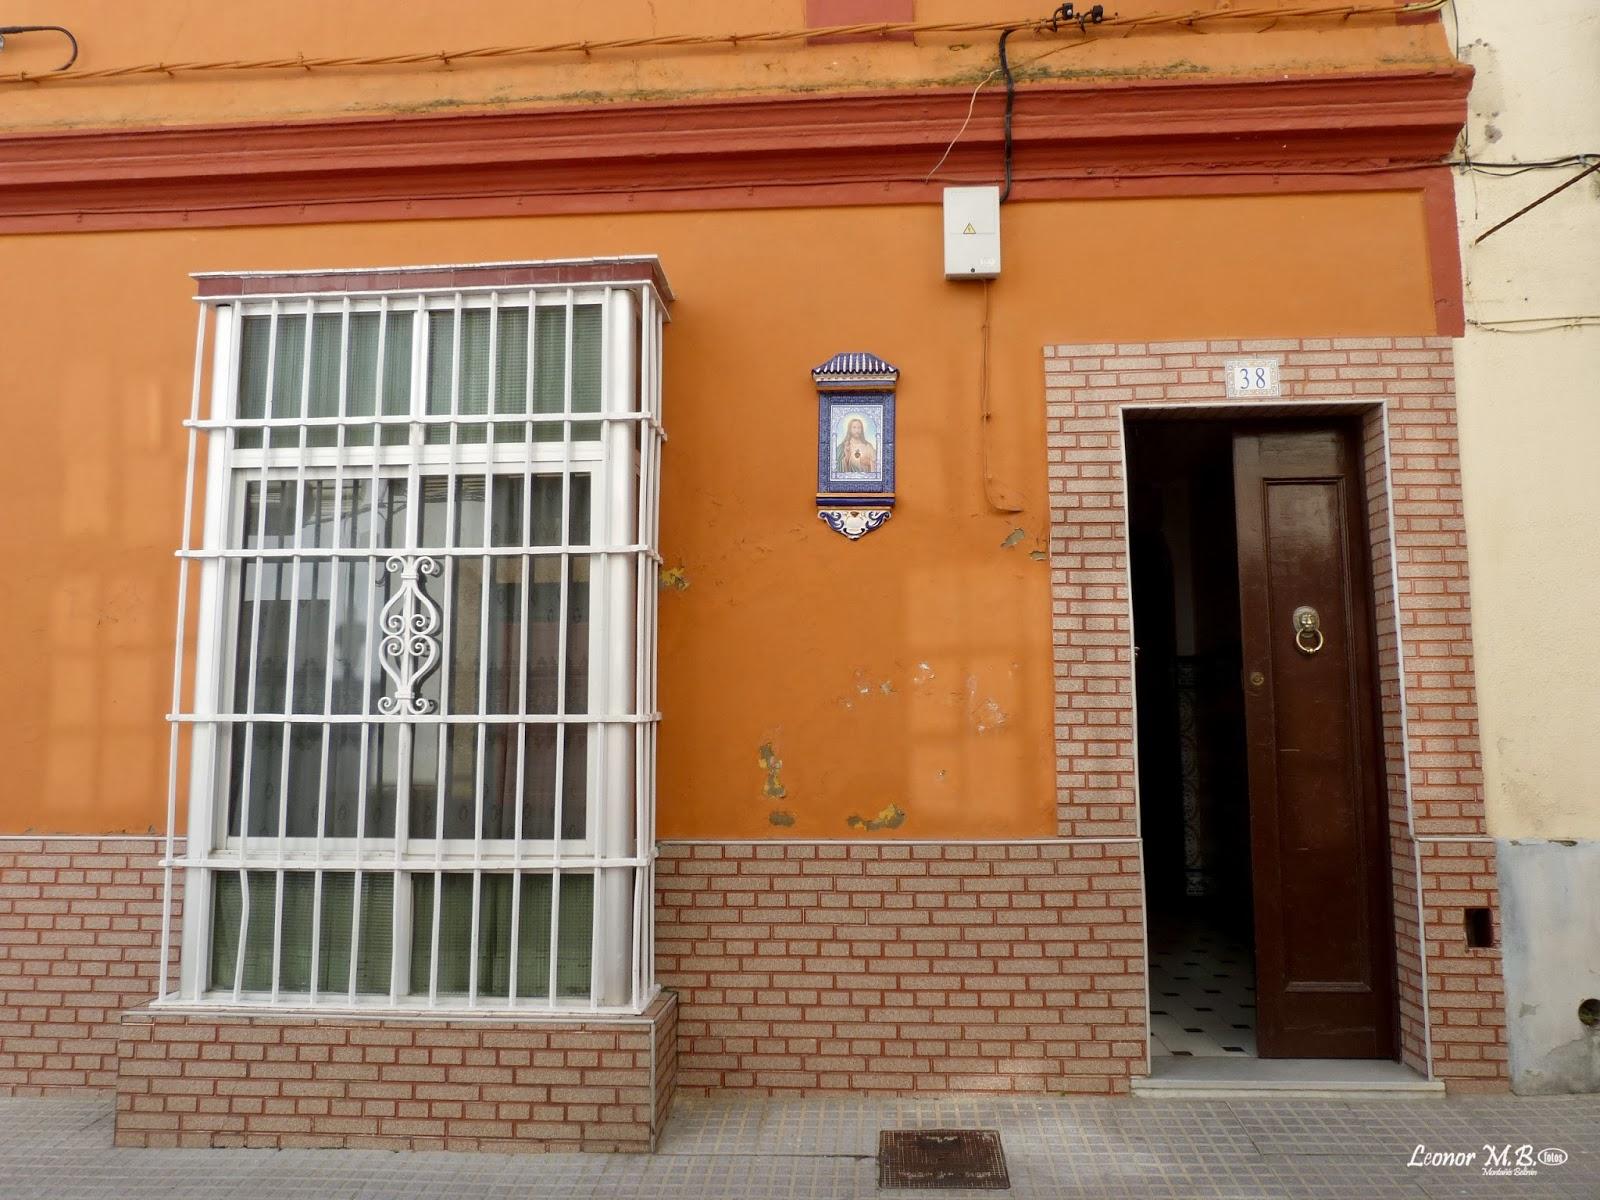 San fernando ayer y hoy y otras historias calle p rez - Fachadas con azulejo ...